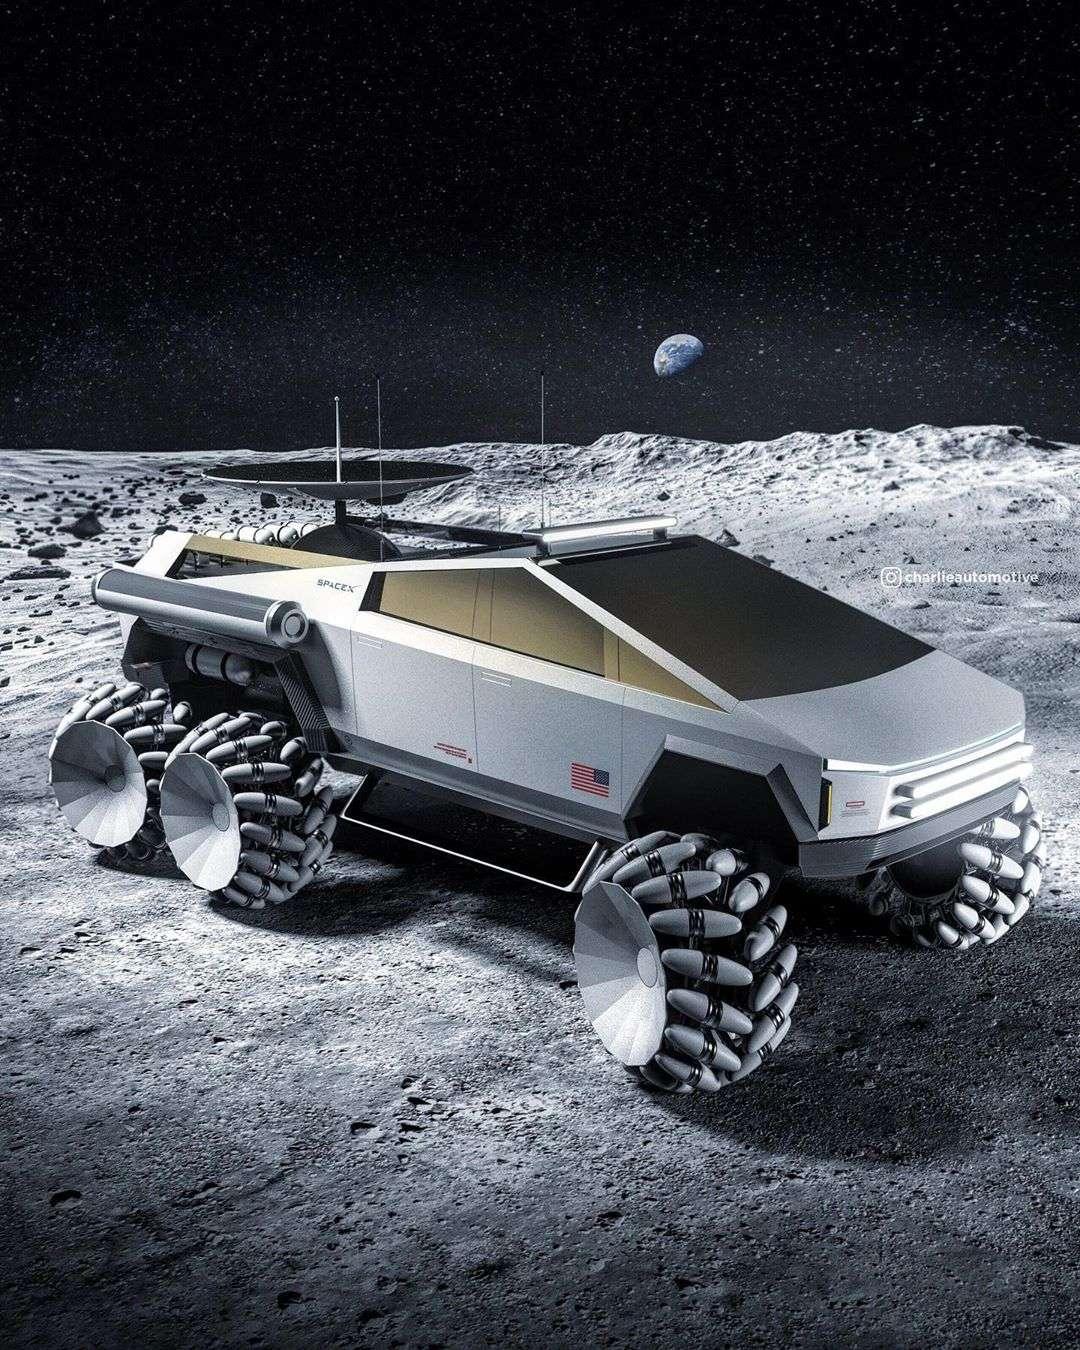 Le Tesla Cybertruck dans sa version lunaire poserait de nombreux défis techniques, à commencer par celui du poids. © Charlie Automotive